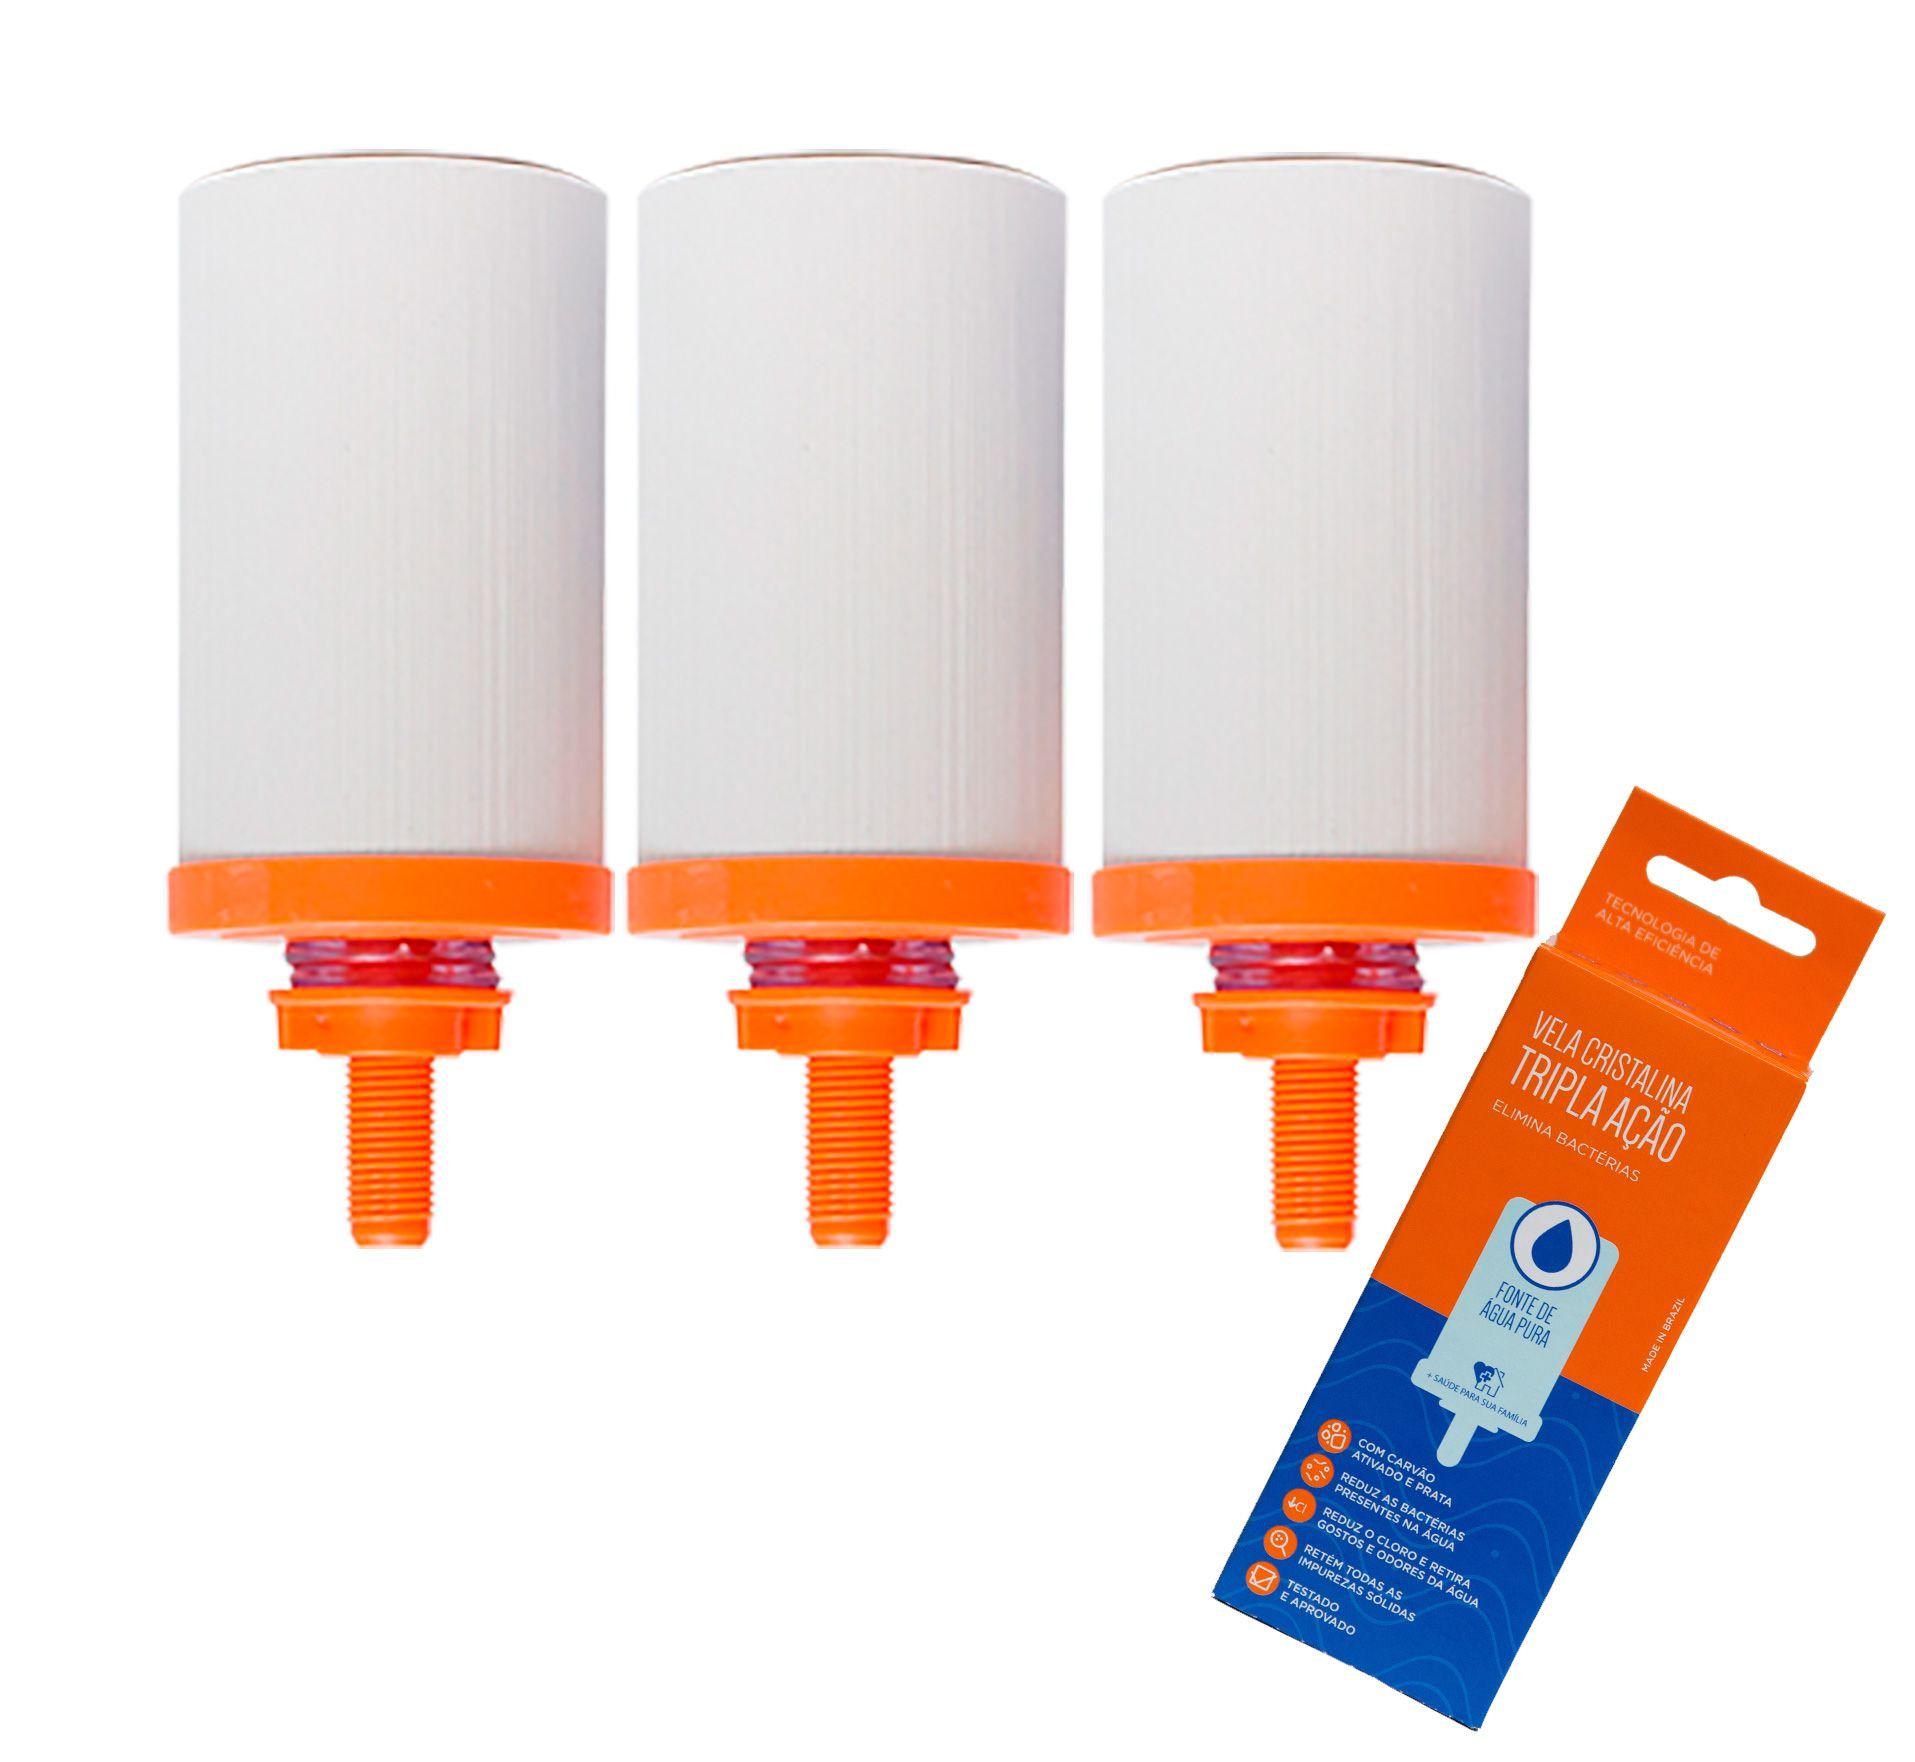 Vela para Filtro de Barro Cristalina Tripla Ação 03 unidades  - CN Distribuidora